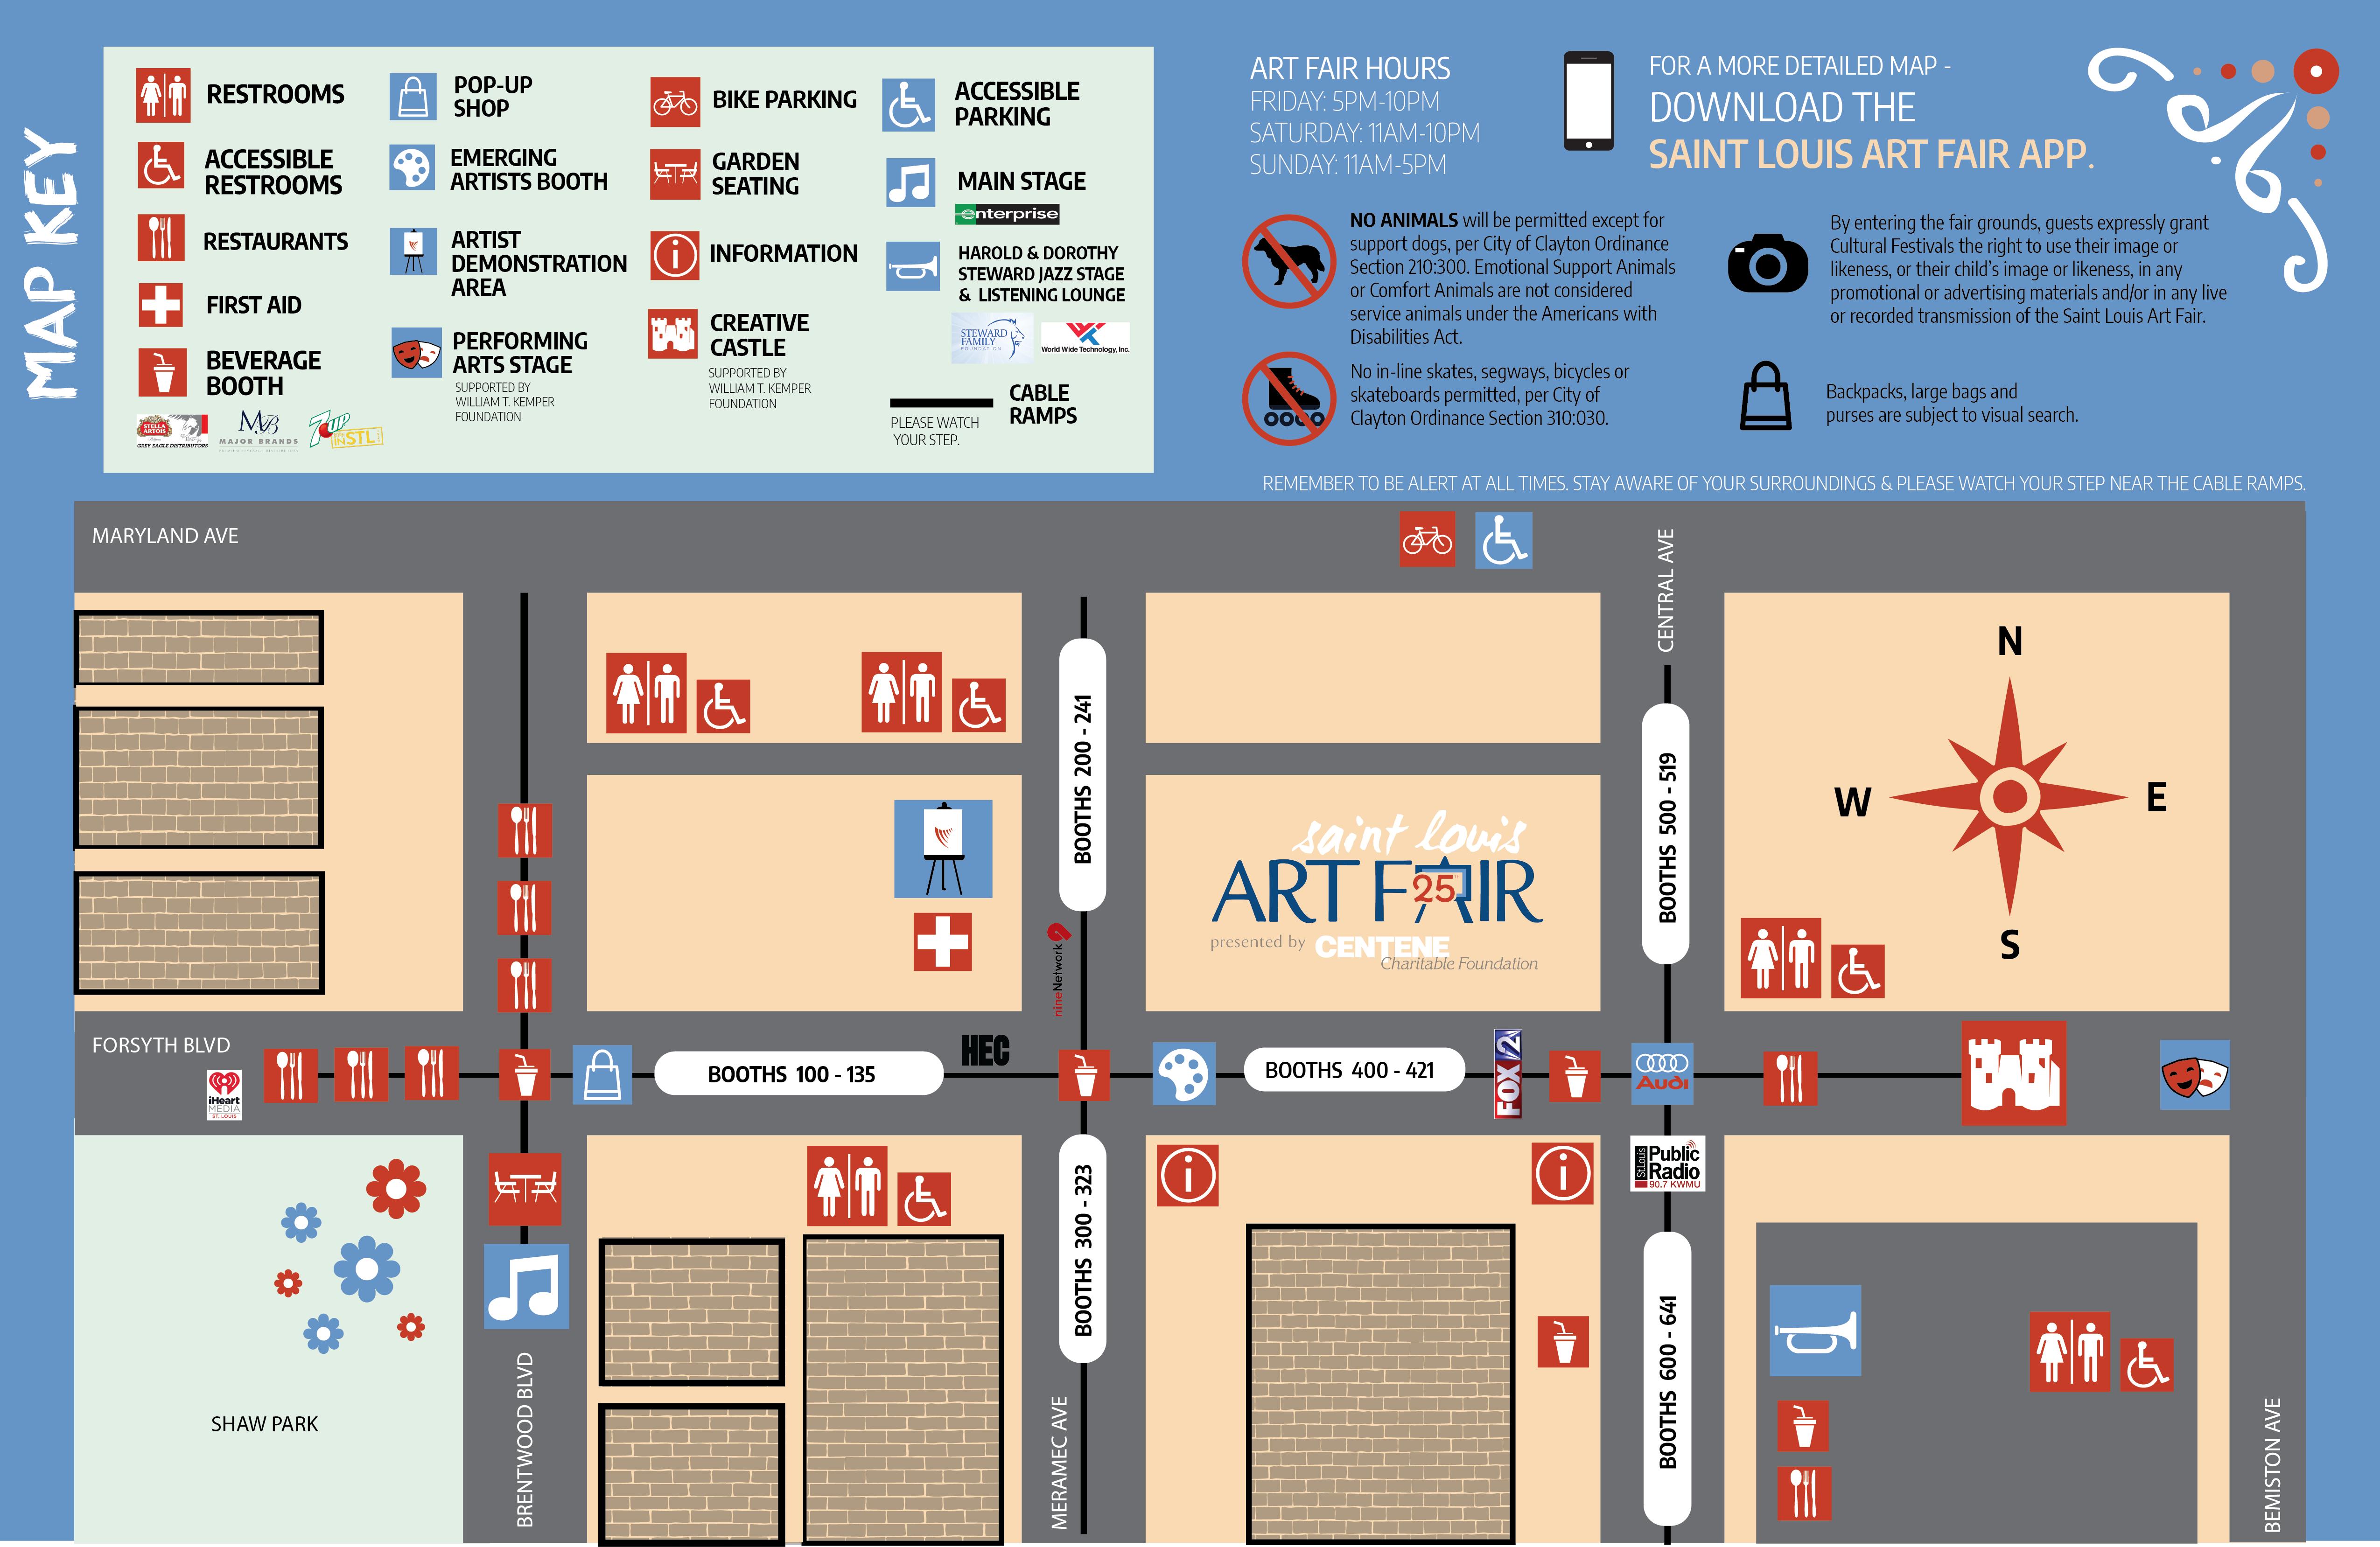 Saint Louis Art Fair Map